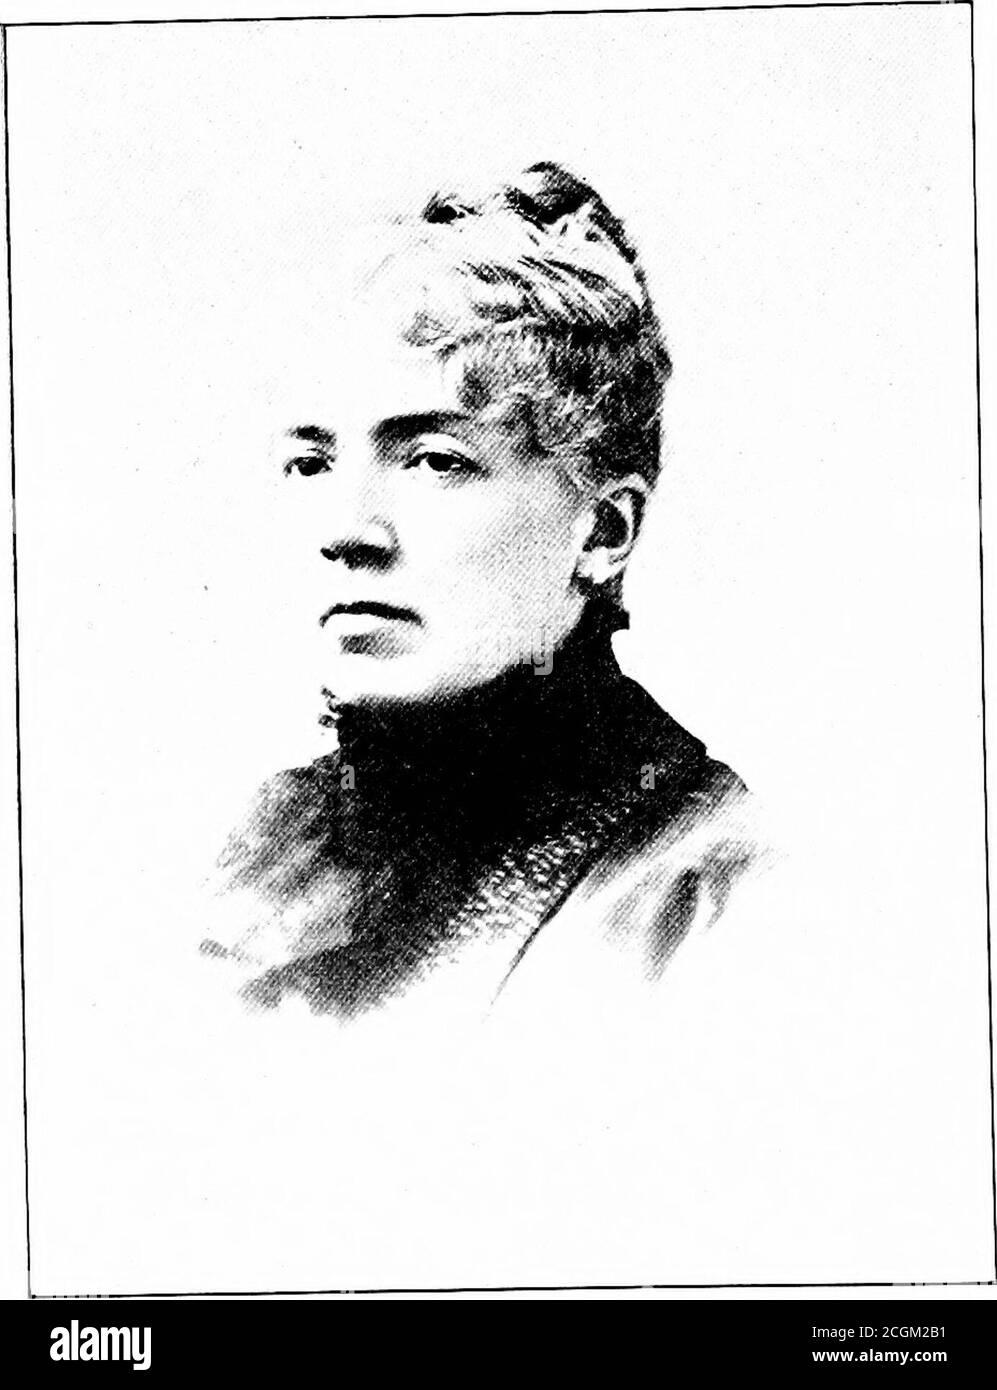 . Historia de Northfield, New Hampshire 1780-1905. En dos partes con muchos bocetos biográficos y retratos también imágenes de edificios públicos y residencias privadas. REV. B. A. ROGERS... MARY M. GILE. HOMBRES Y MUJERES PROFESIONALES. 167 hermana y varios asistentes. Dos años más tarde, Lie tomó una labor similar en Varsovia, N. Y. aquí disfrutó del conocido y amigo del Gobernador Pattison, hermano de la Sra. Mark Baker de Tilton, su padre amigo. Un aumento de sueldo lo llevó a Huntington, L. Y, más tarde, a Brooklyn, N. Y., y finalmente lo colocó en la cabeza de las escuelas de New Haven Foto de stock